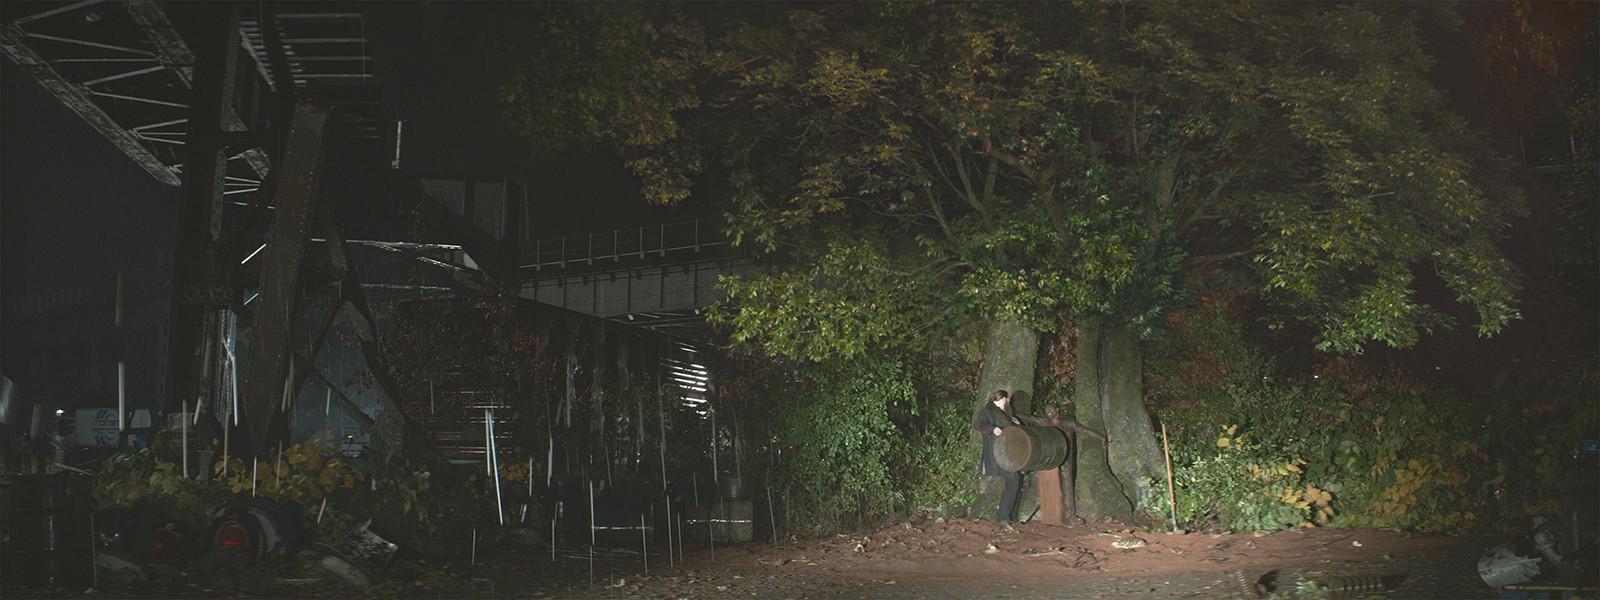 Gilles beloeil cinesite mattepainting alive tree gbeloeil v03